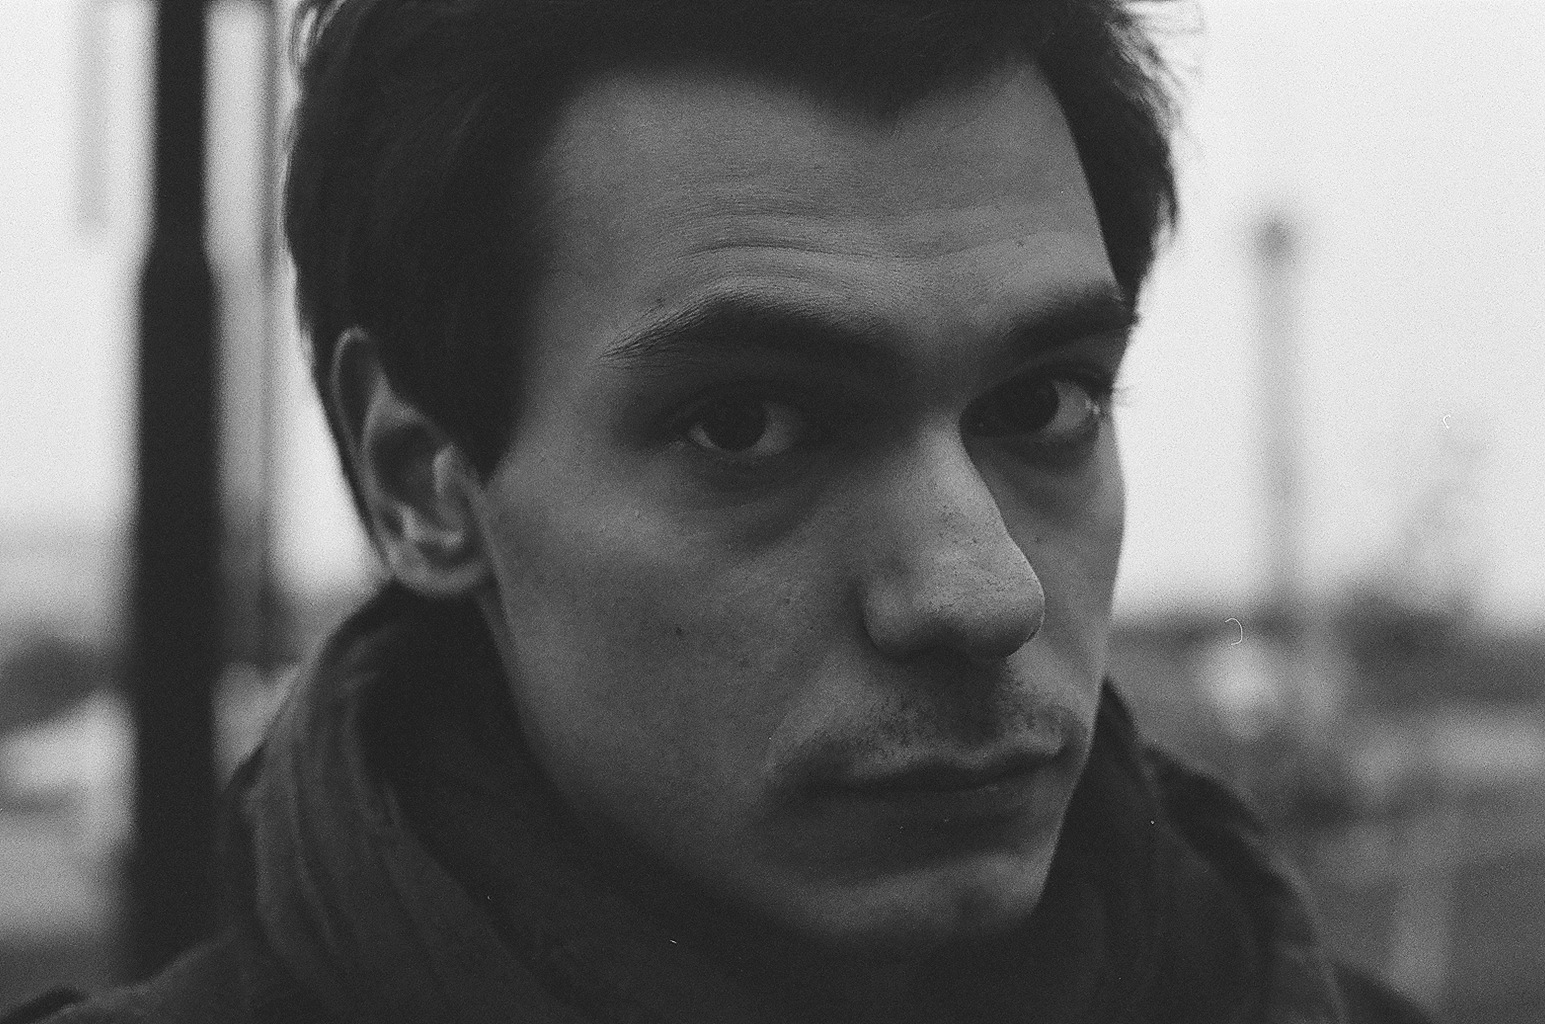 Grigory Kolomytsev